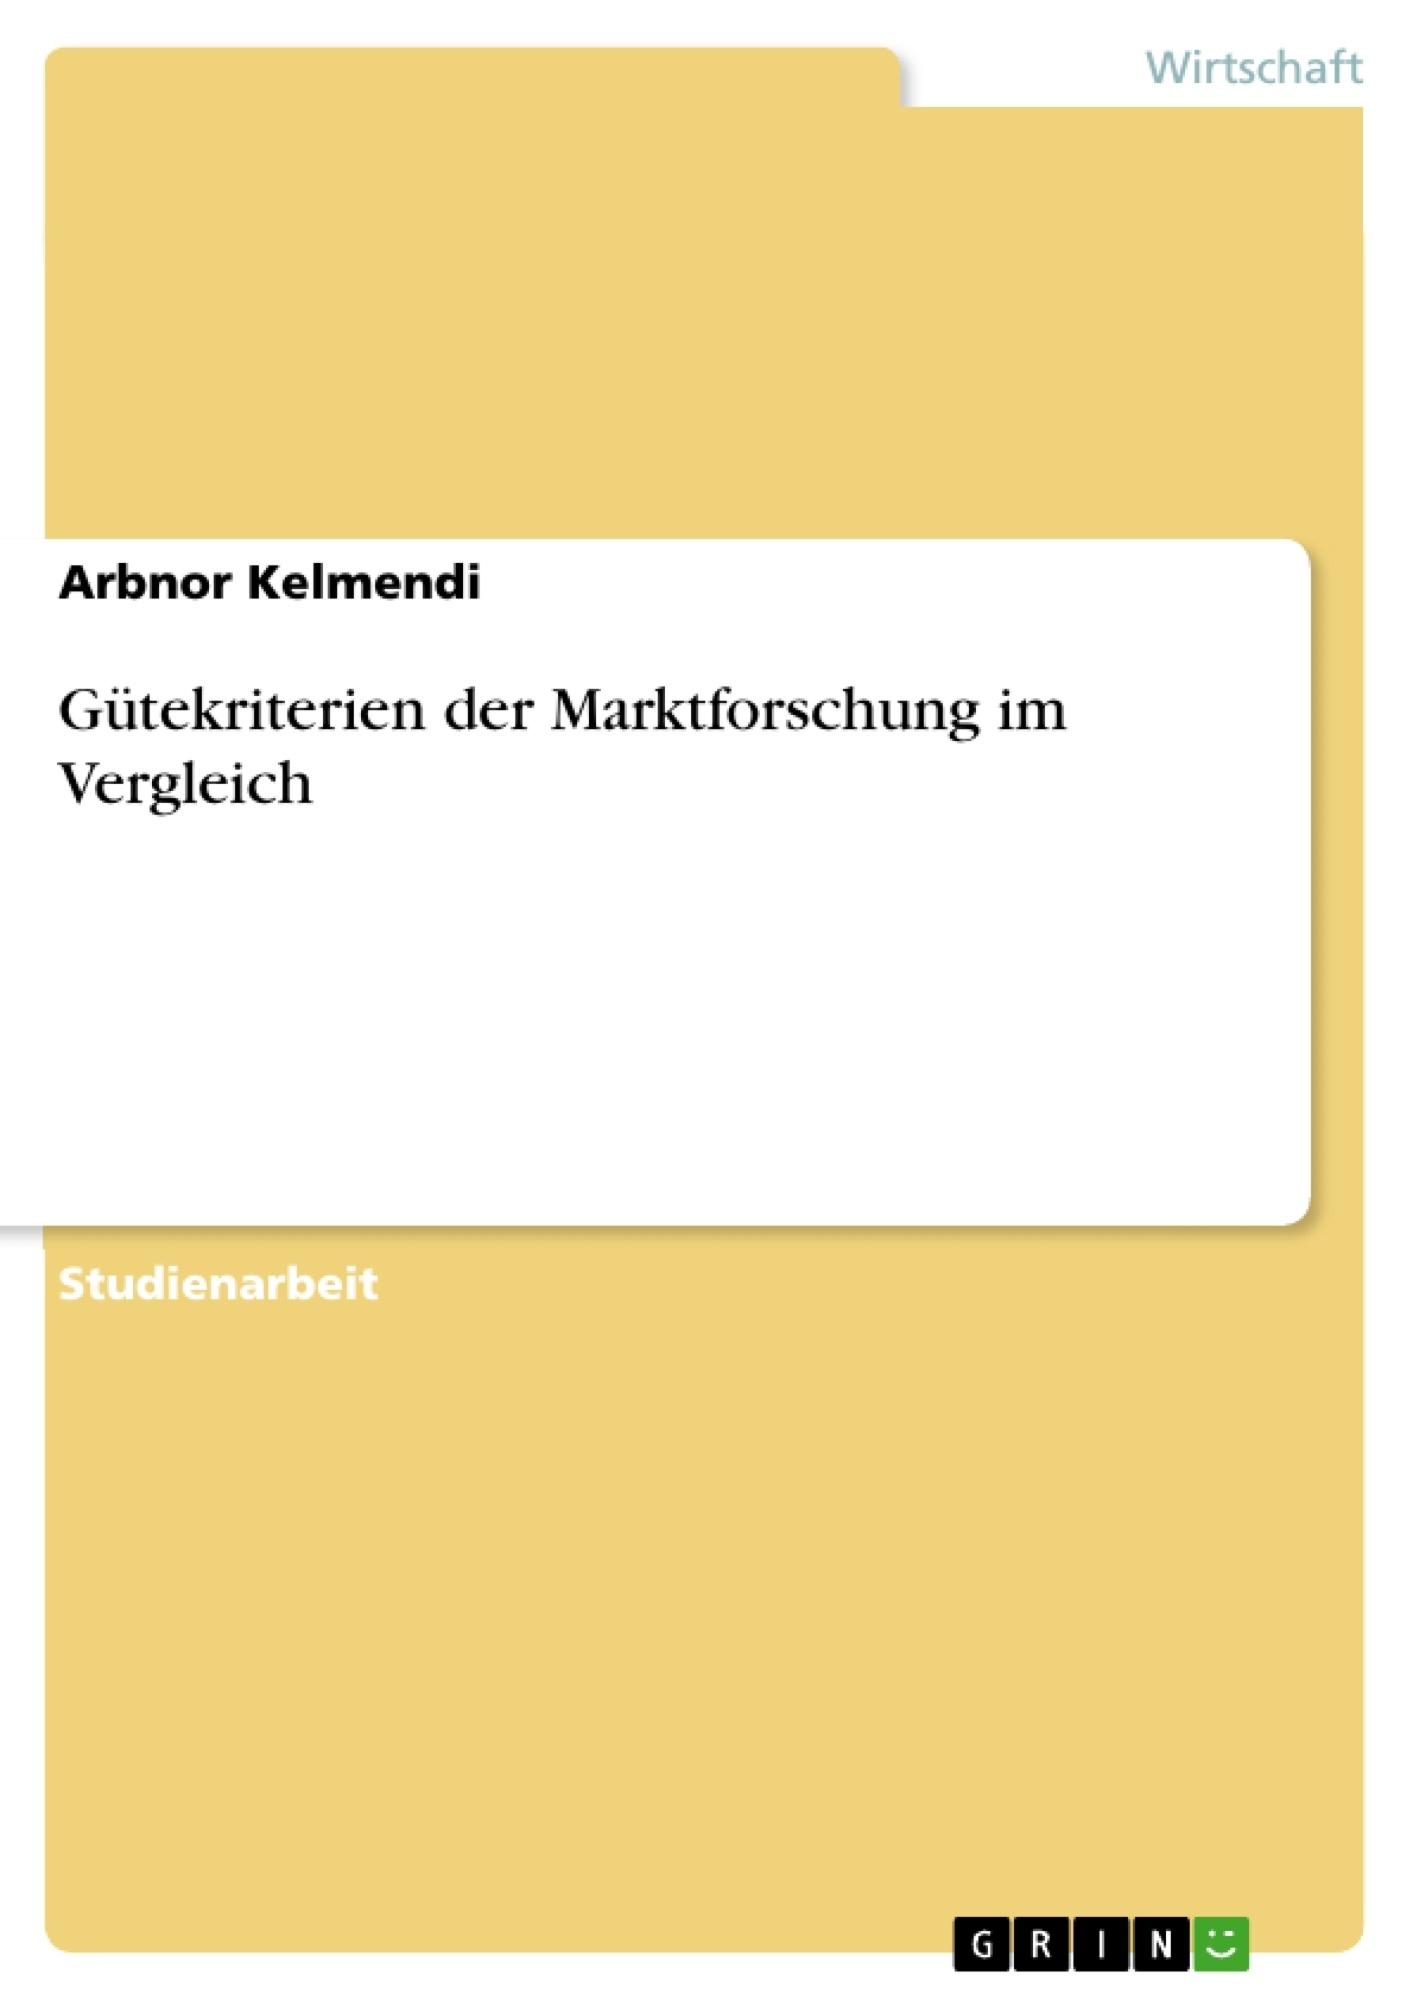 Titel: Gütekriterien der Marktforschung im Vergleich